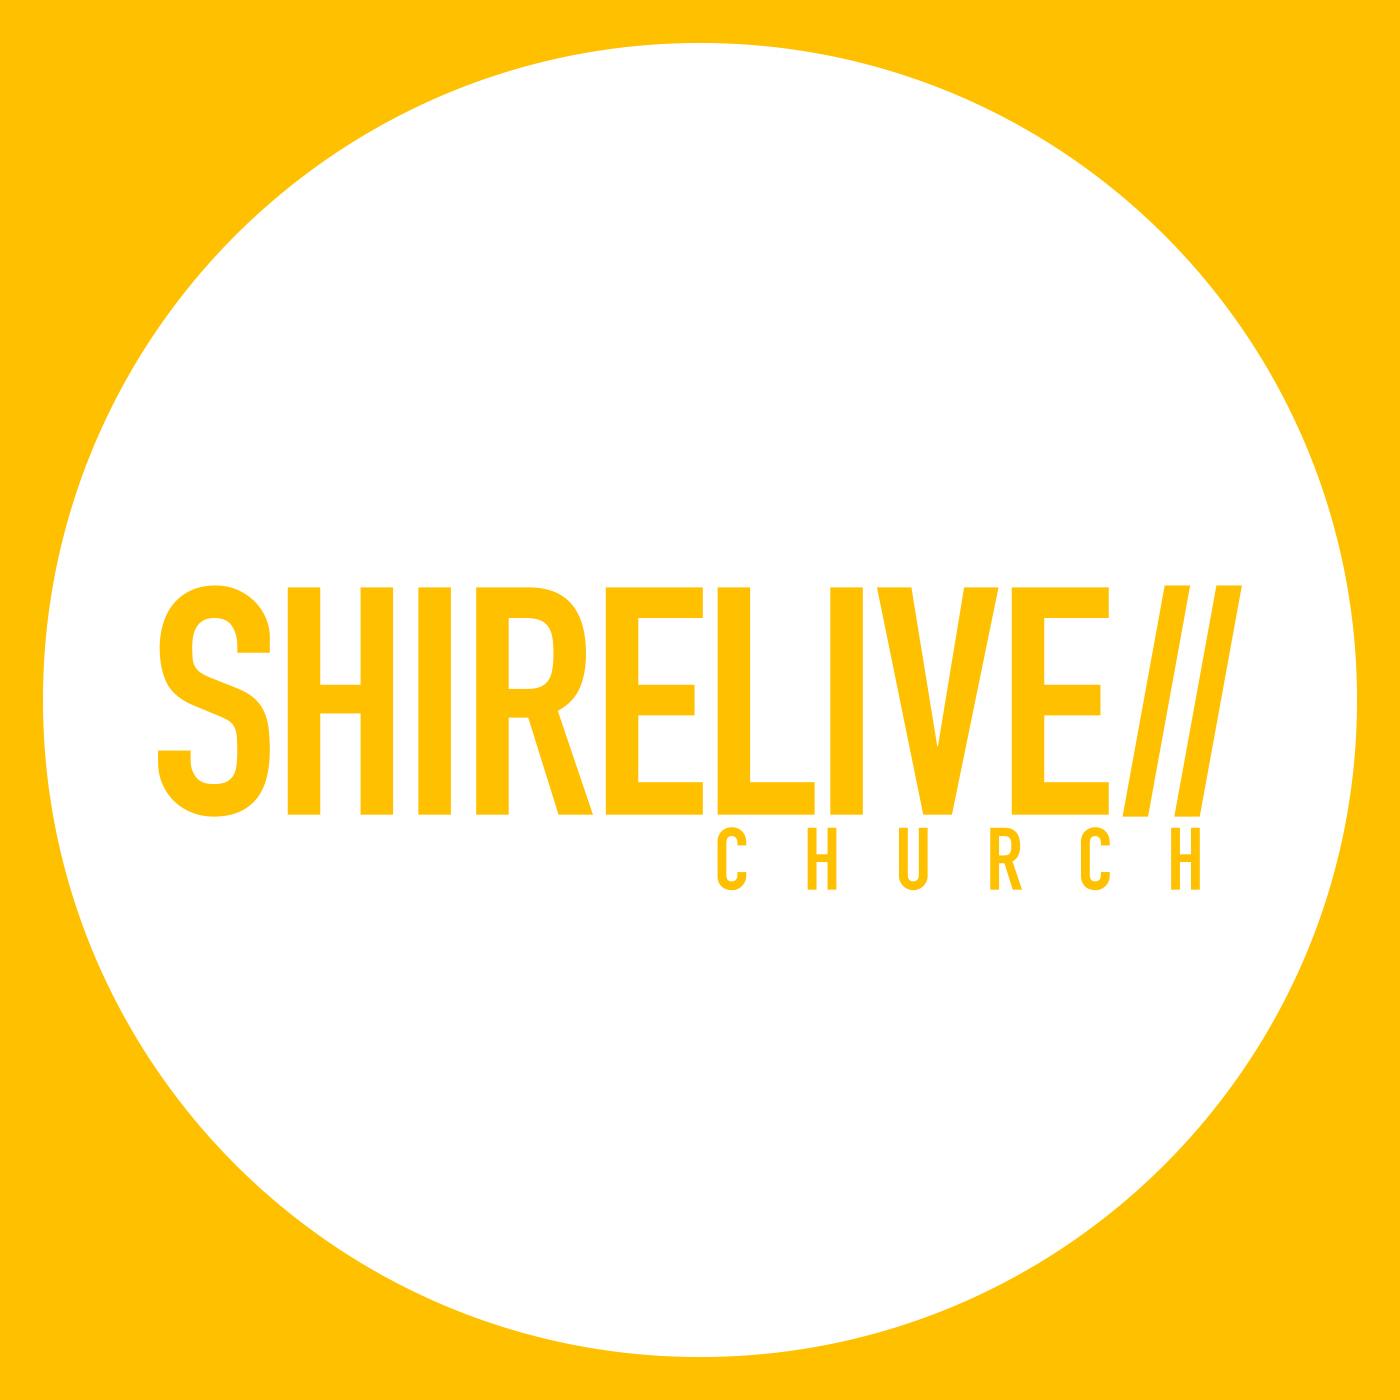 Shirelive Church